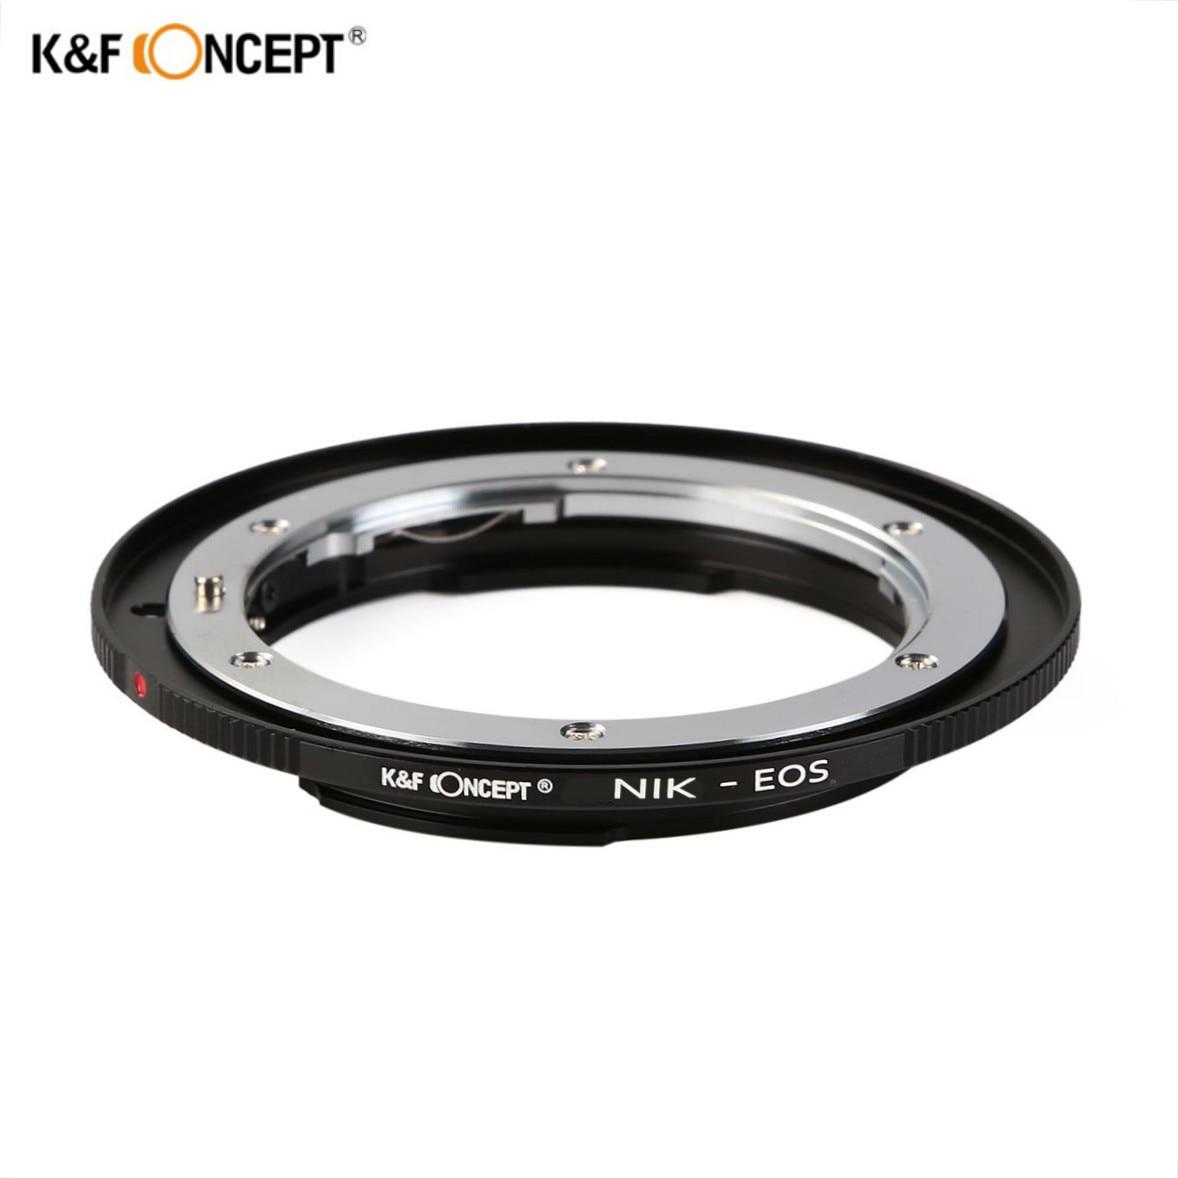 K & F CONCEPT Bague D'adaptation D'objectif Pour Nikon F AI Ai-s Lentille Pour Canon EOS EF Caméra 600D 60D 5D 500D